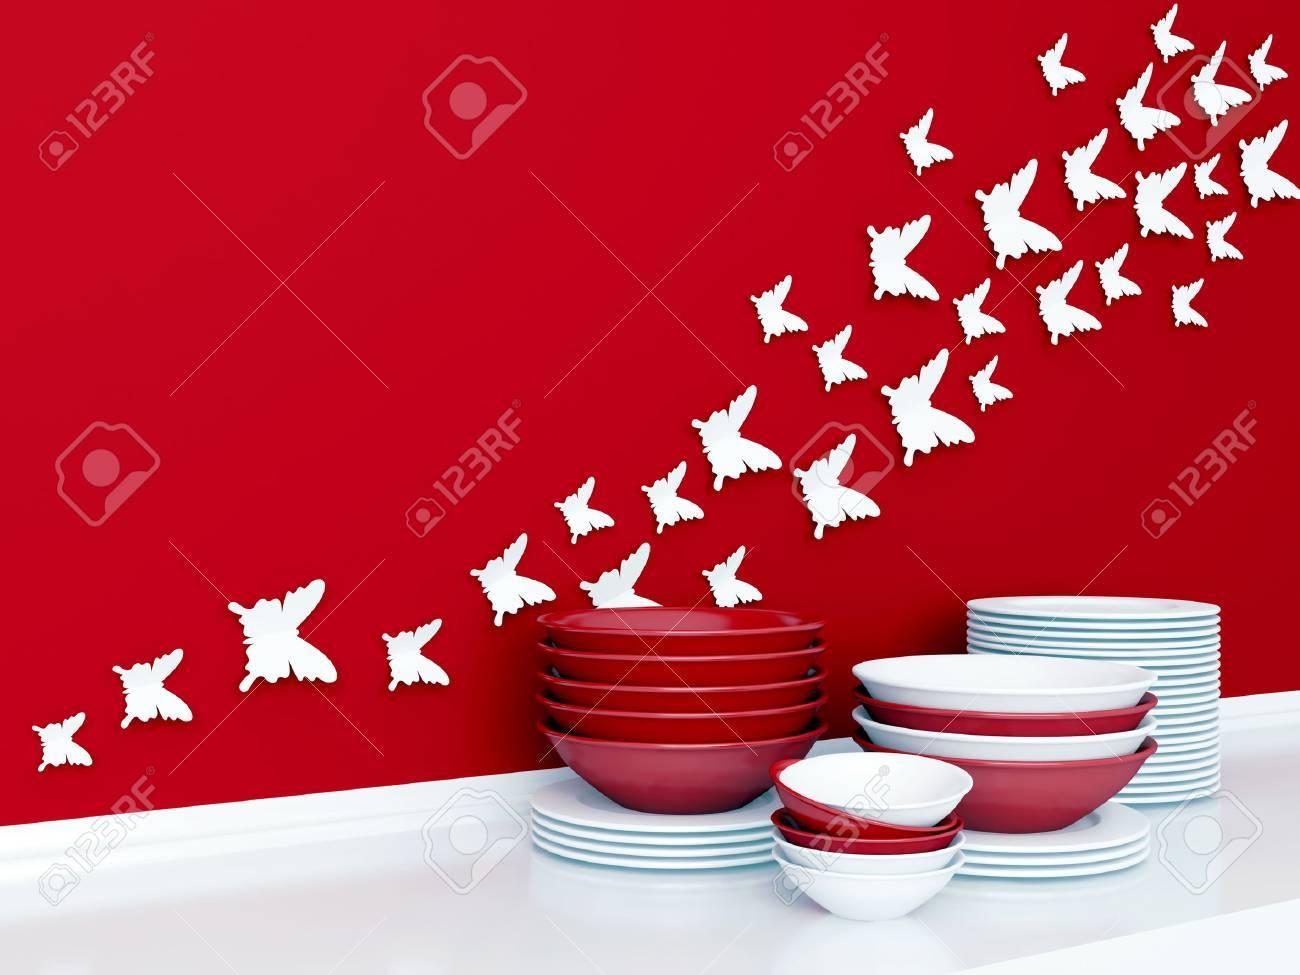 Moderne Weisse Und Rote Kuchengestaltung Keramik Geschirr Im Regal Schmetterling Dekor An Der Wand Lizenzfreie Fotos Bilder Und Stock Fotografie Image 32451729